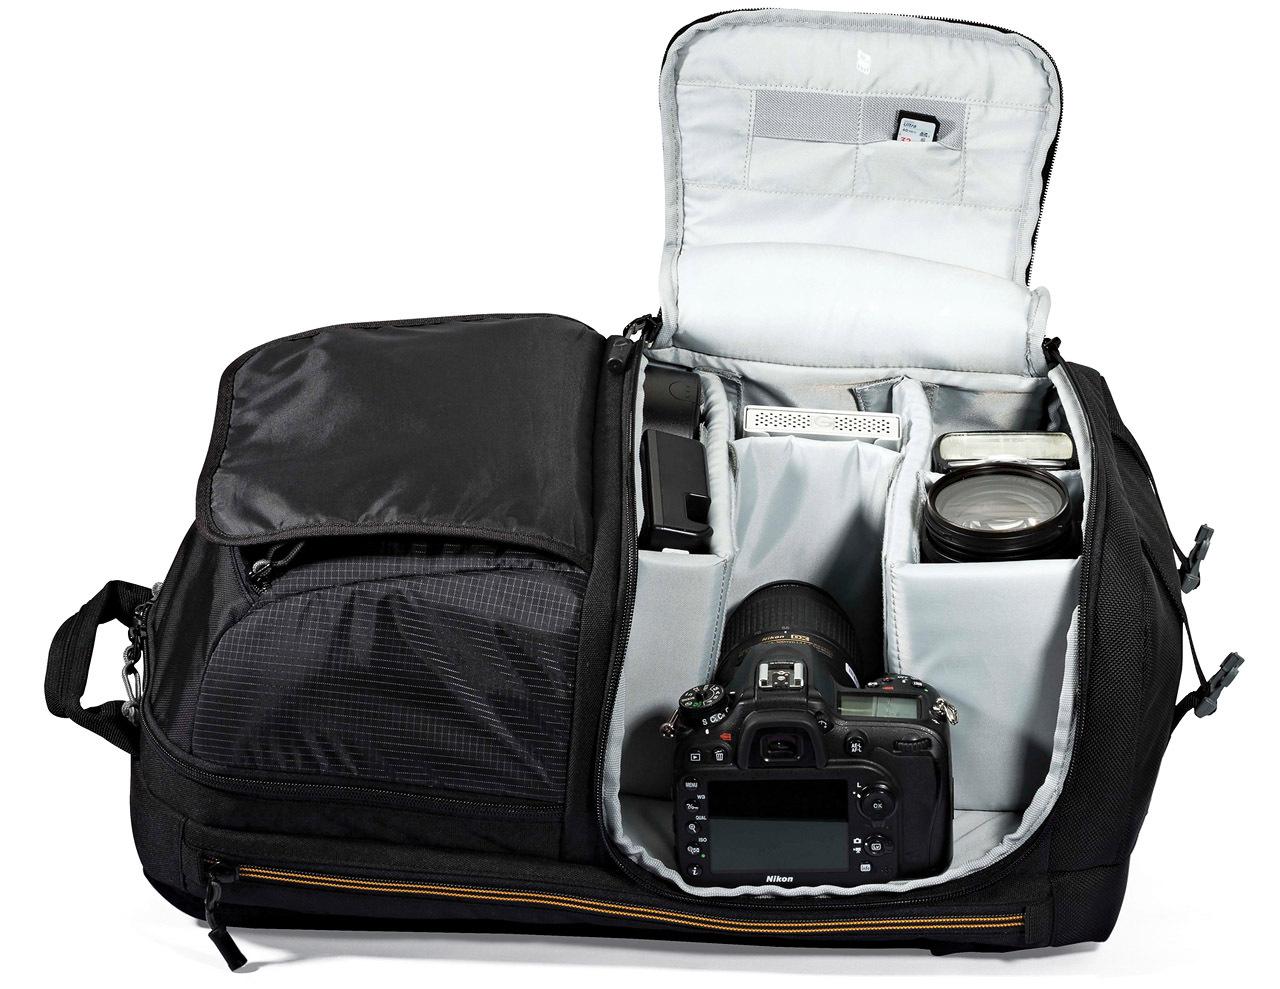 Smidig ryggsäck för resor Fotosidan